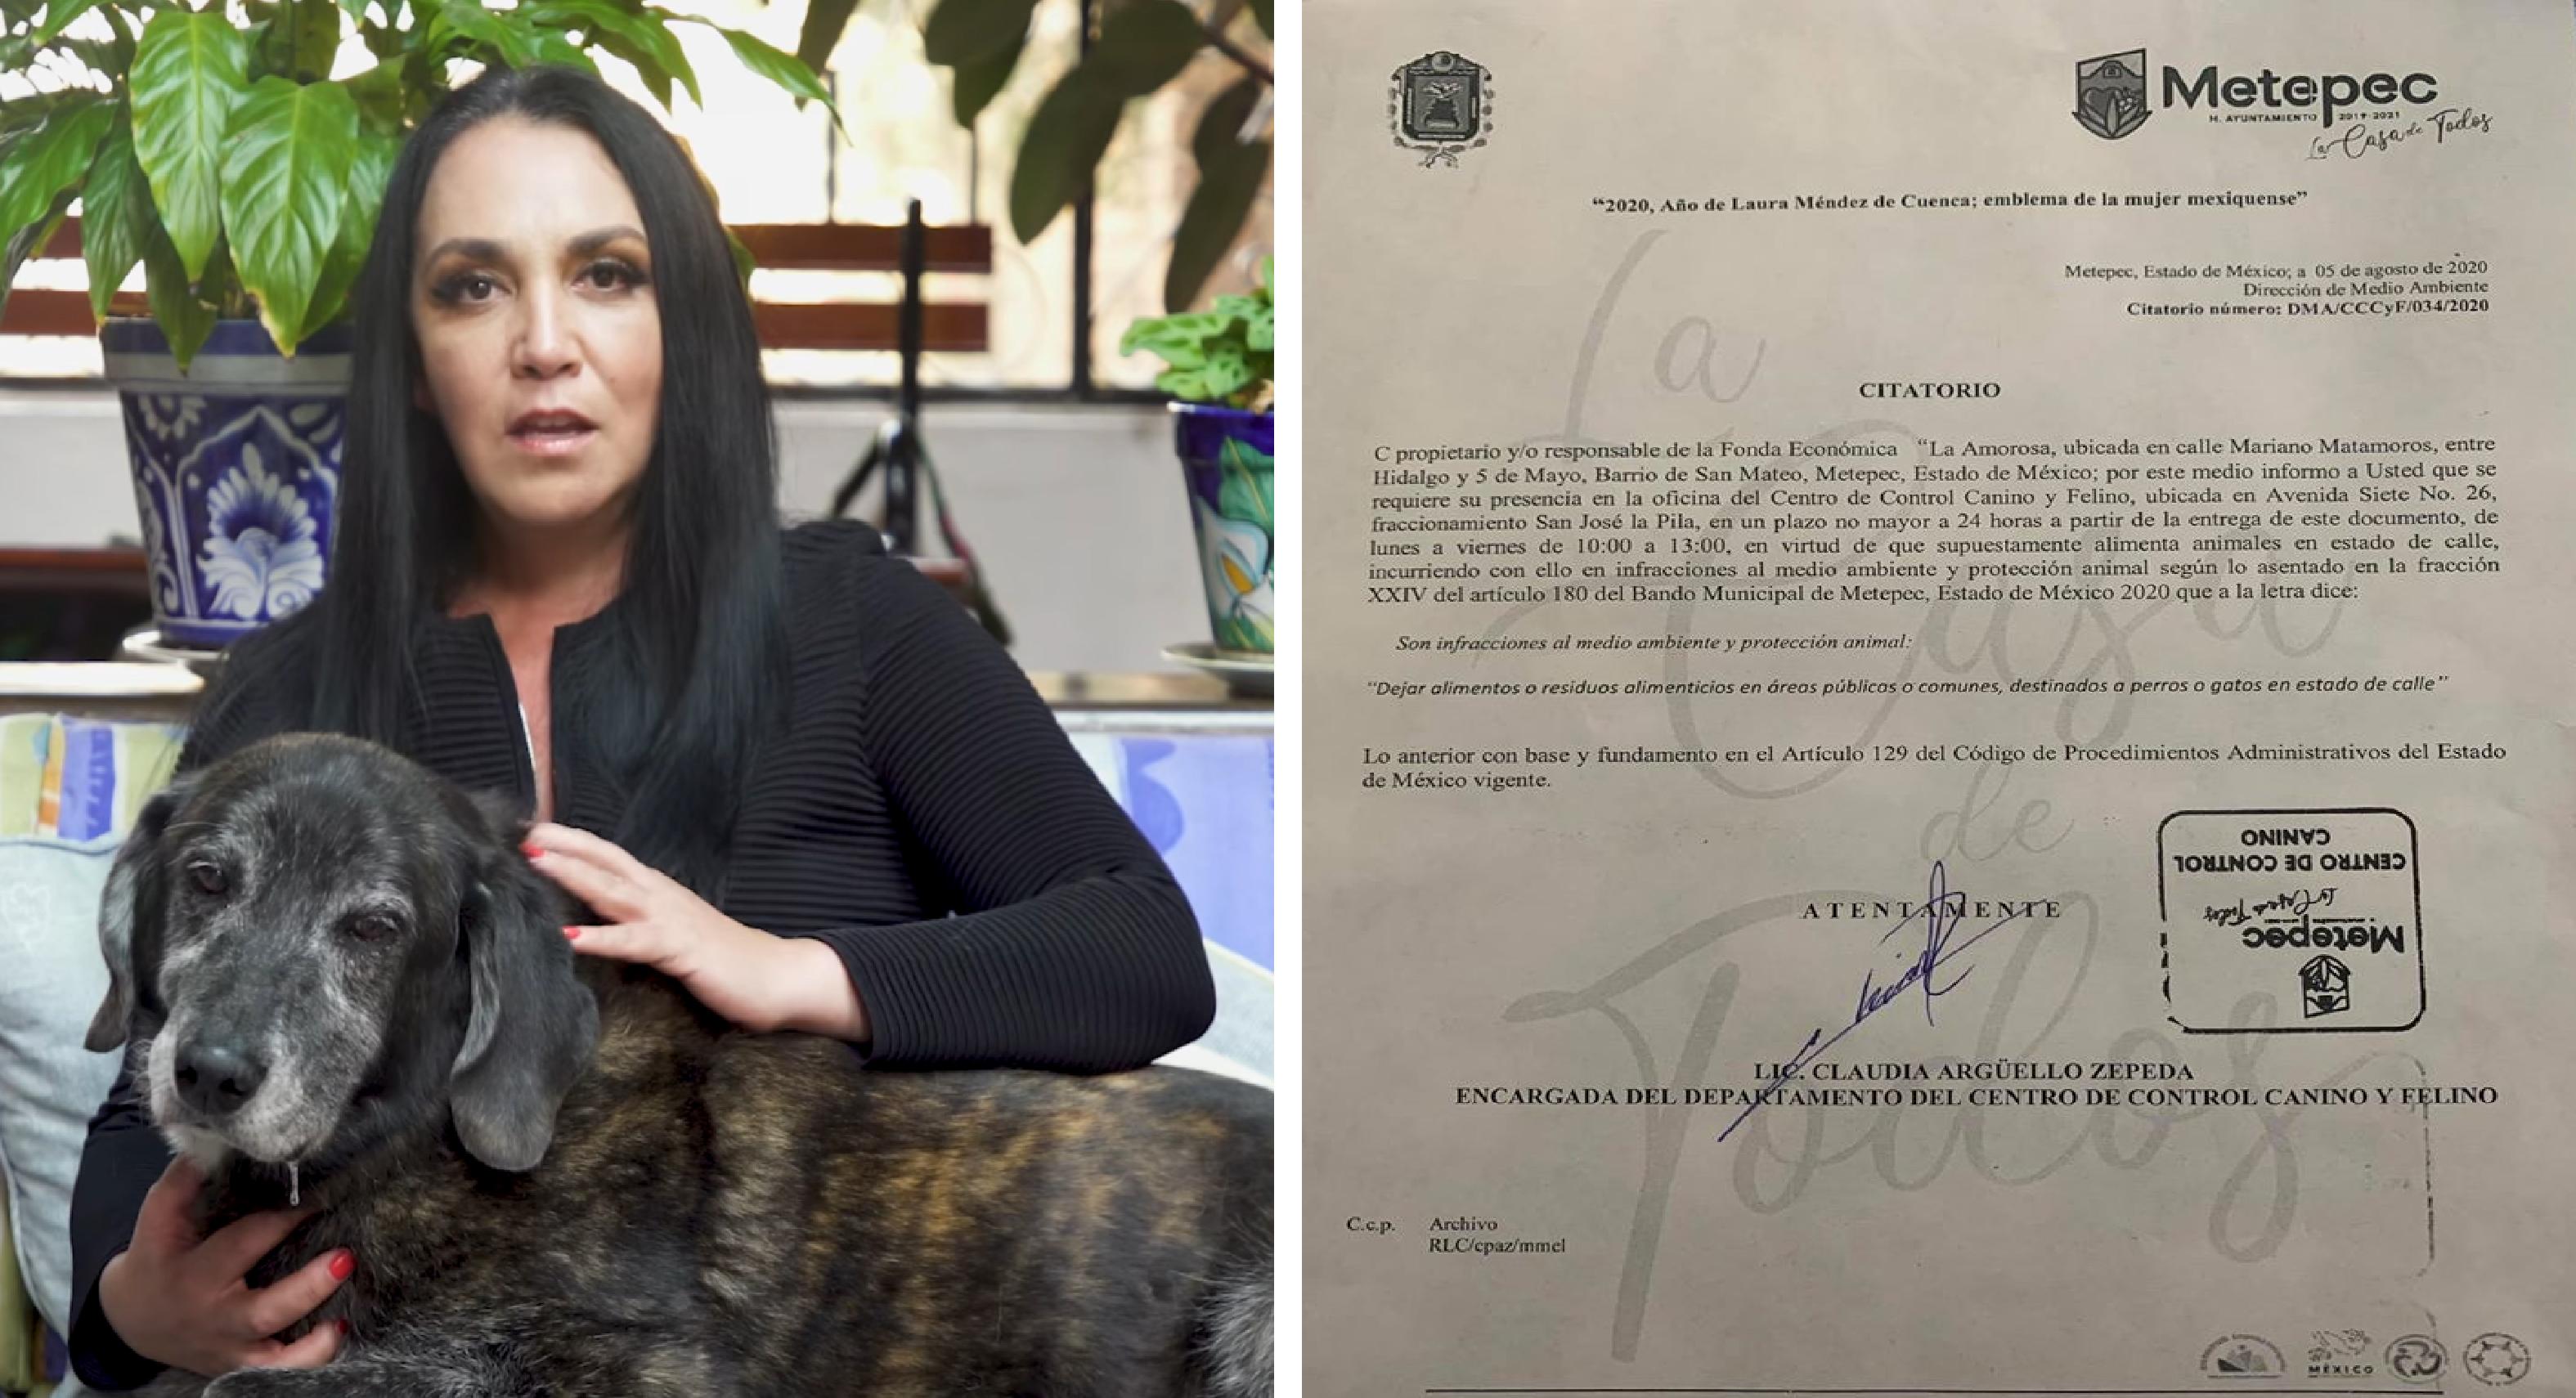 Metepec Pese a exigencias e incongruencias brindarán protección a animales